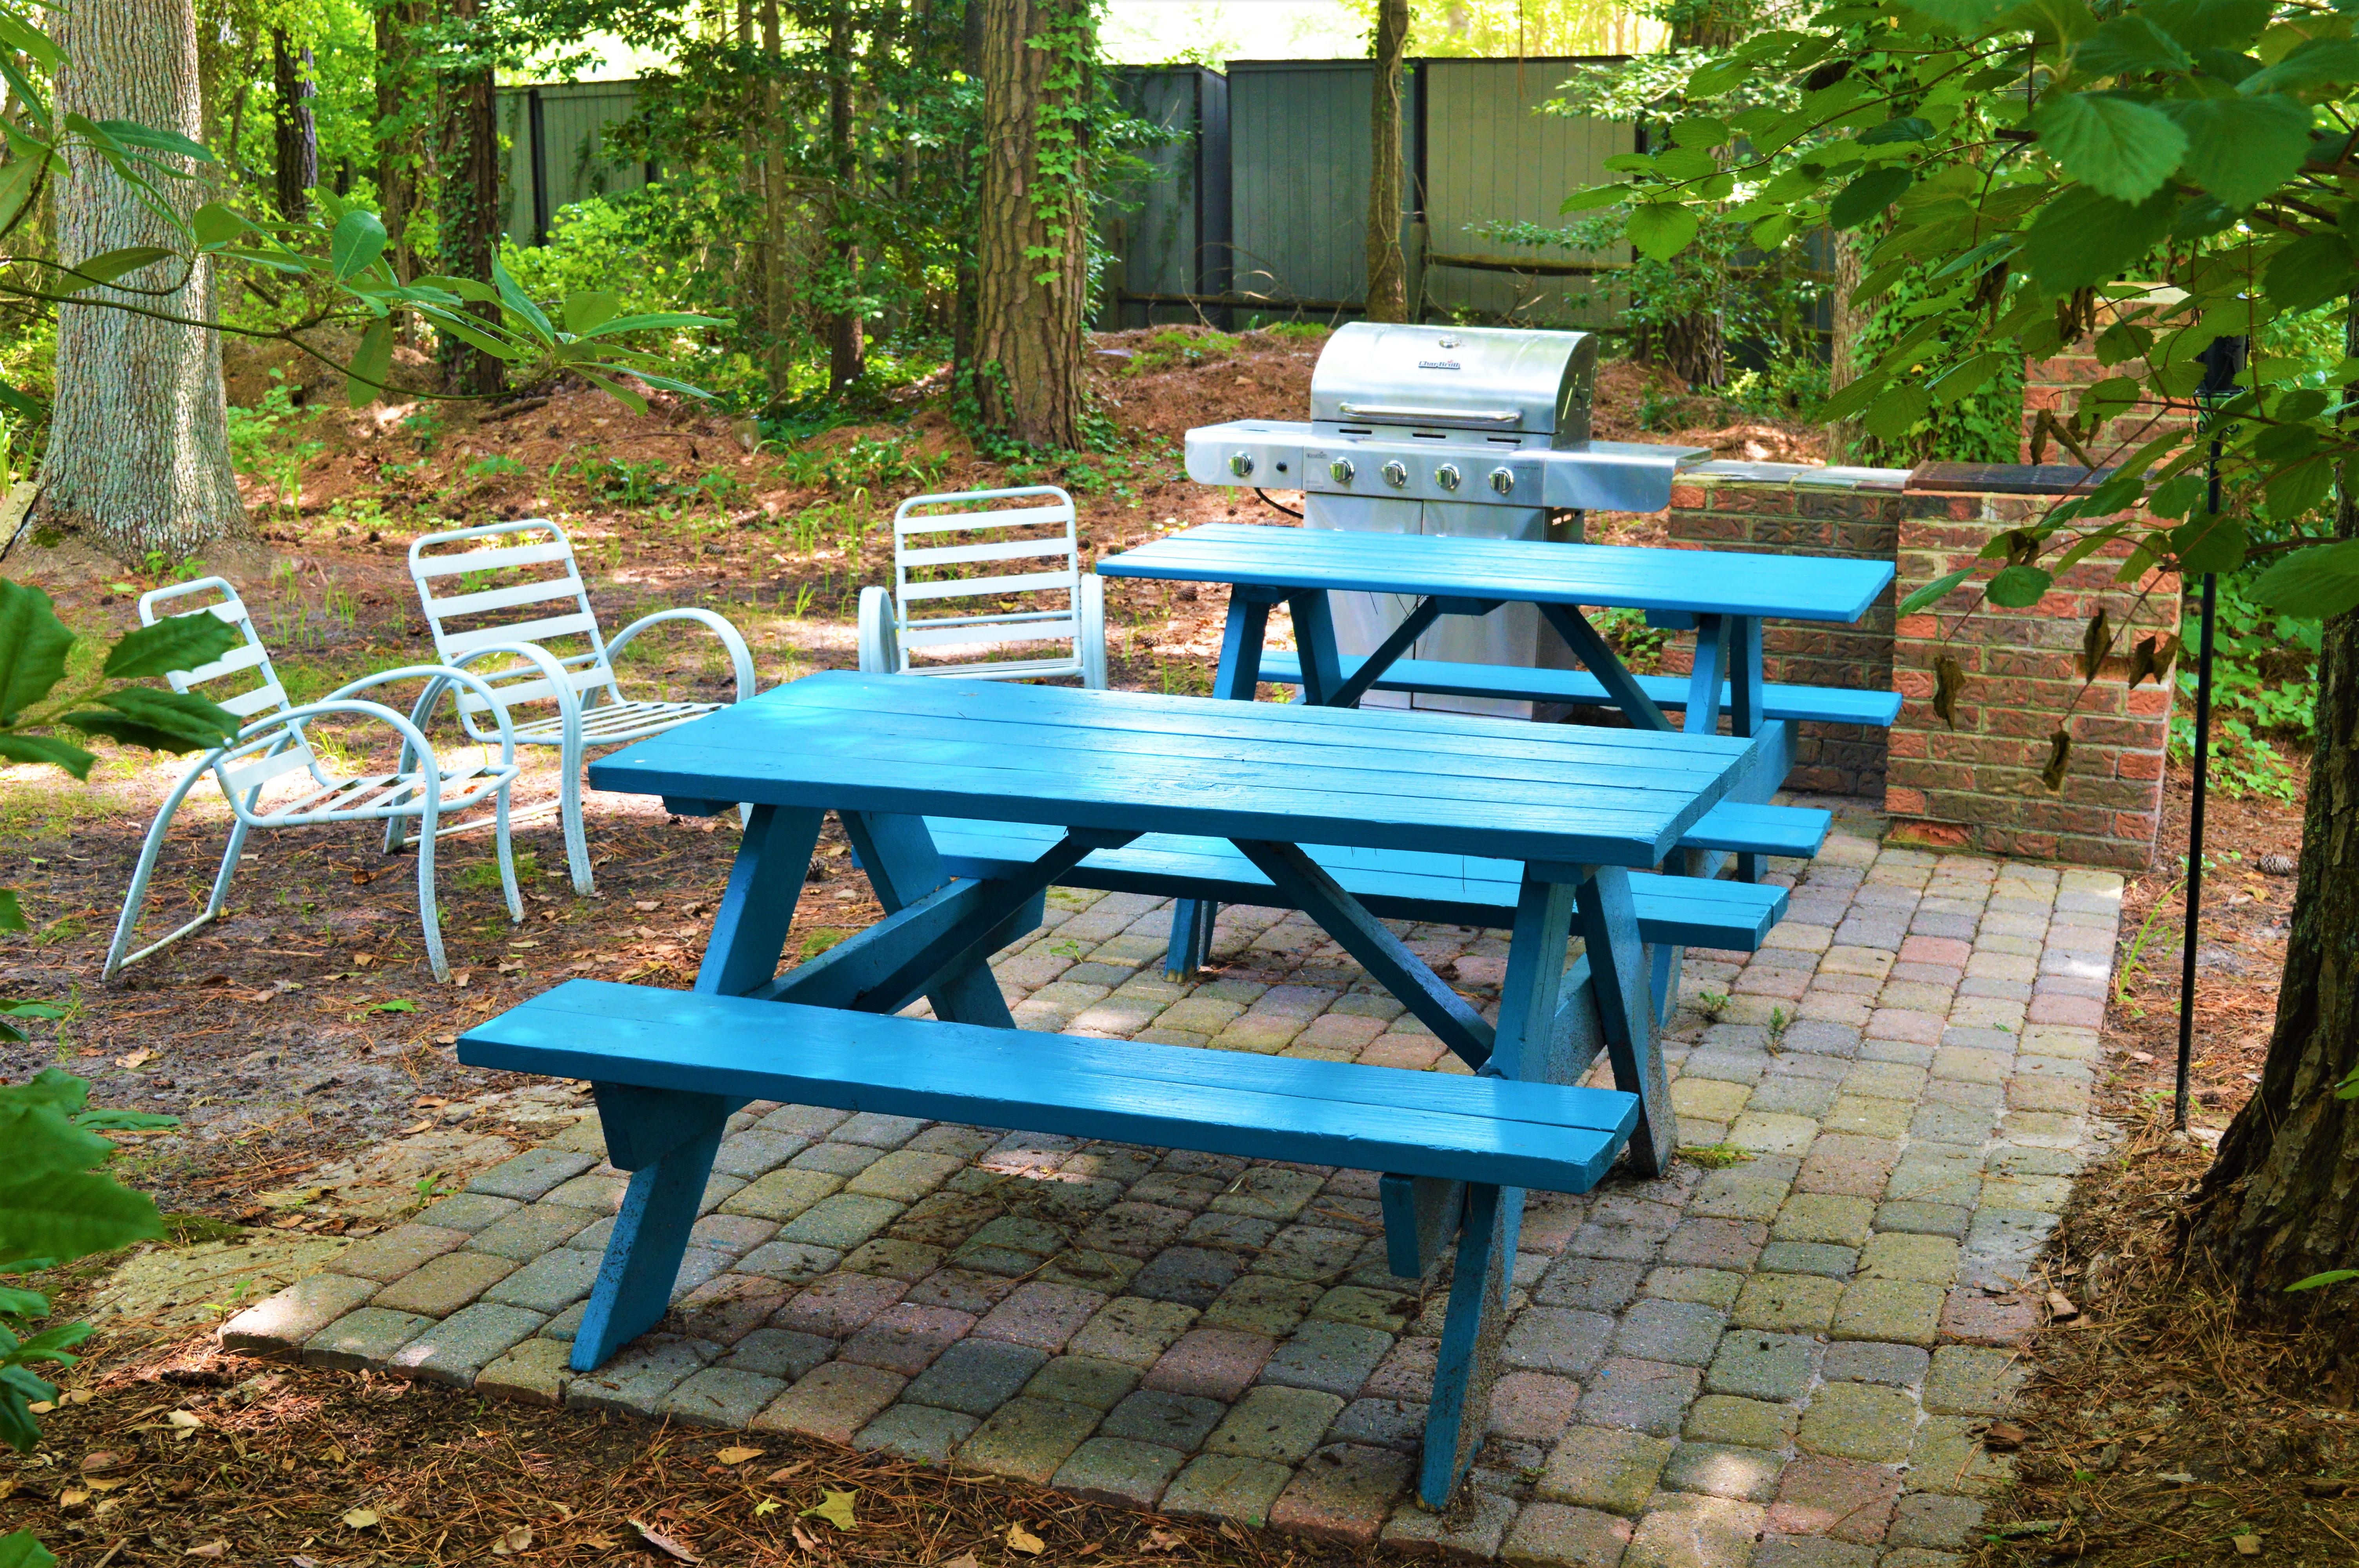 Sensational Gallery Of Meris Gardens Meris Gardens Bed Breakfast Unemploymentrelief Wooden Chair Designs For Living Room Unemploymentrelieforg